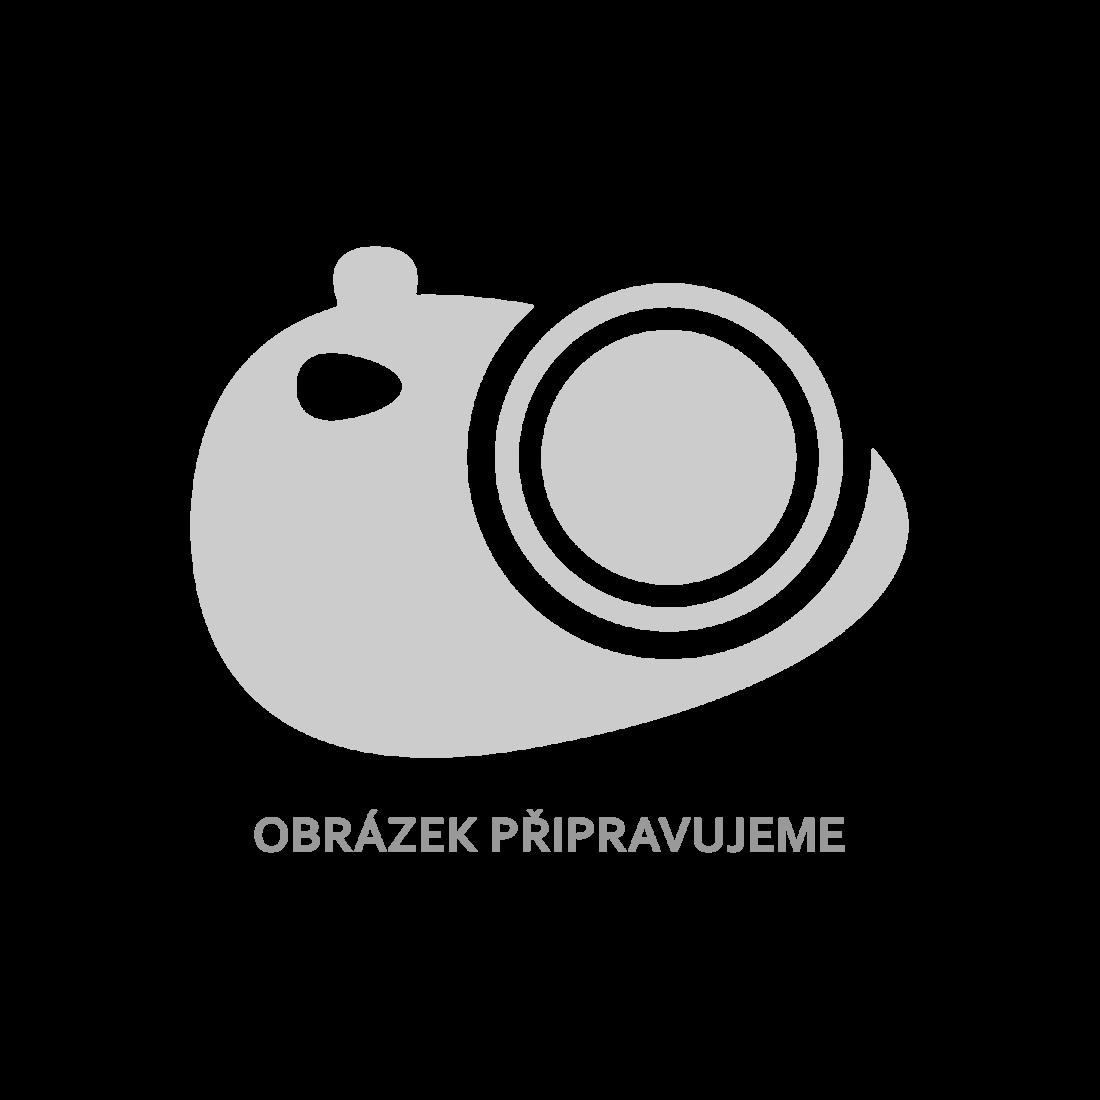 vidaXL Noční stolek bílý a průhledný 42,5 x 33 x 44,5 cm kov a sklo [325106]